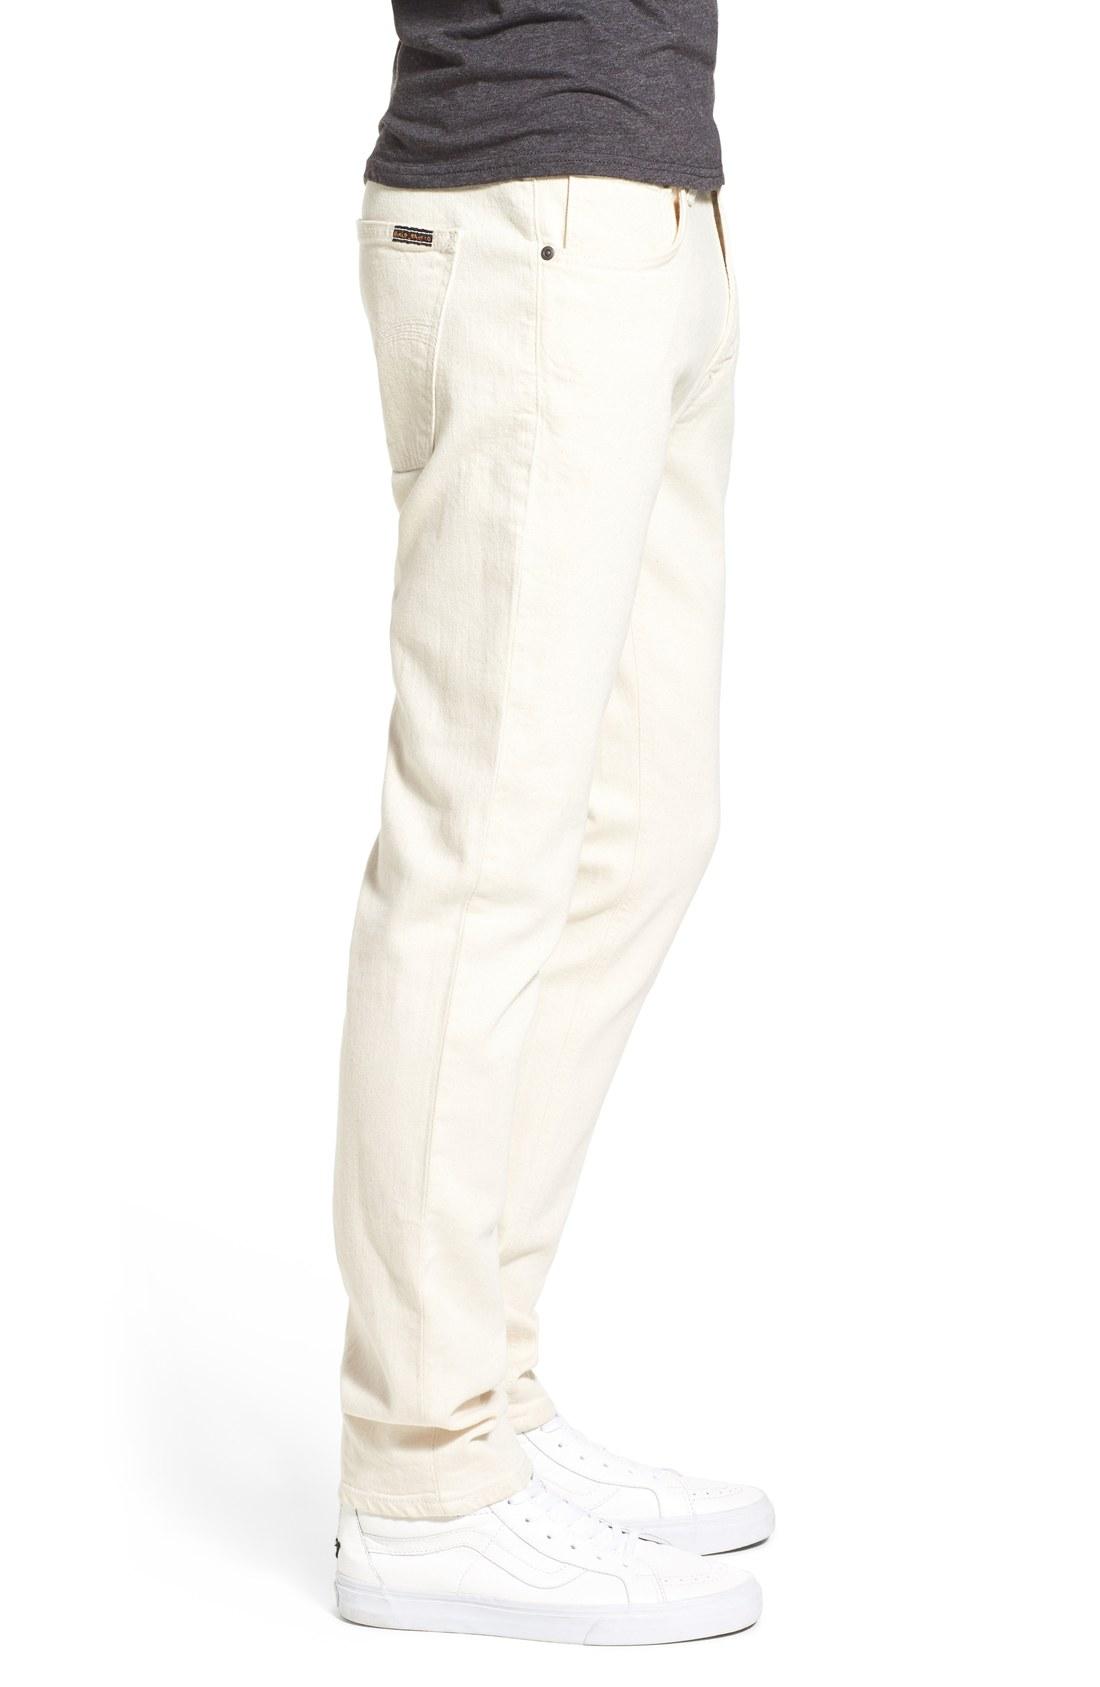 The-Nudie-Lean-Dean-skinny-fit-jeans-Ecrue-3